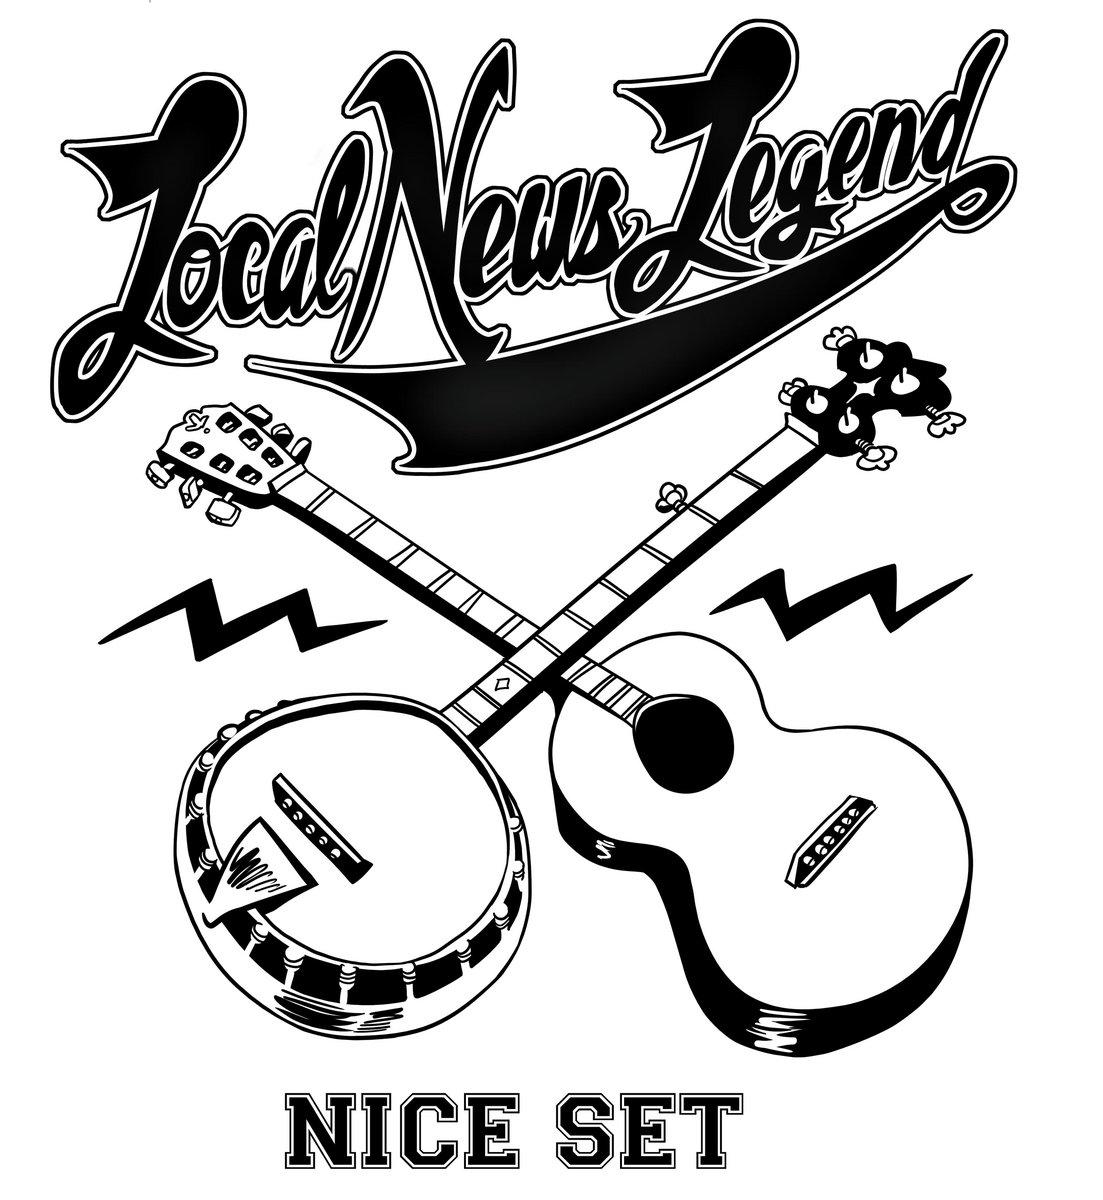 Nice Set | LocalNewsLegend